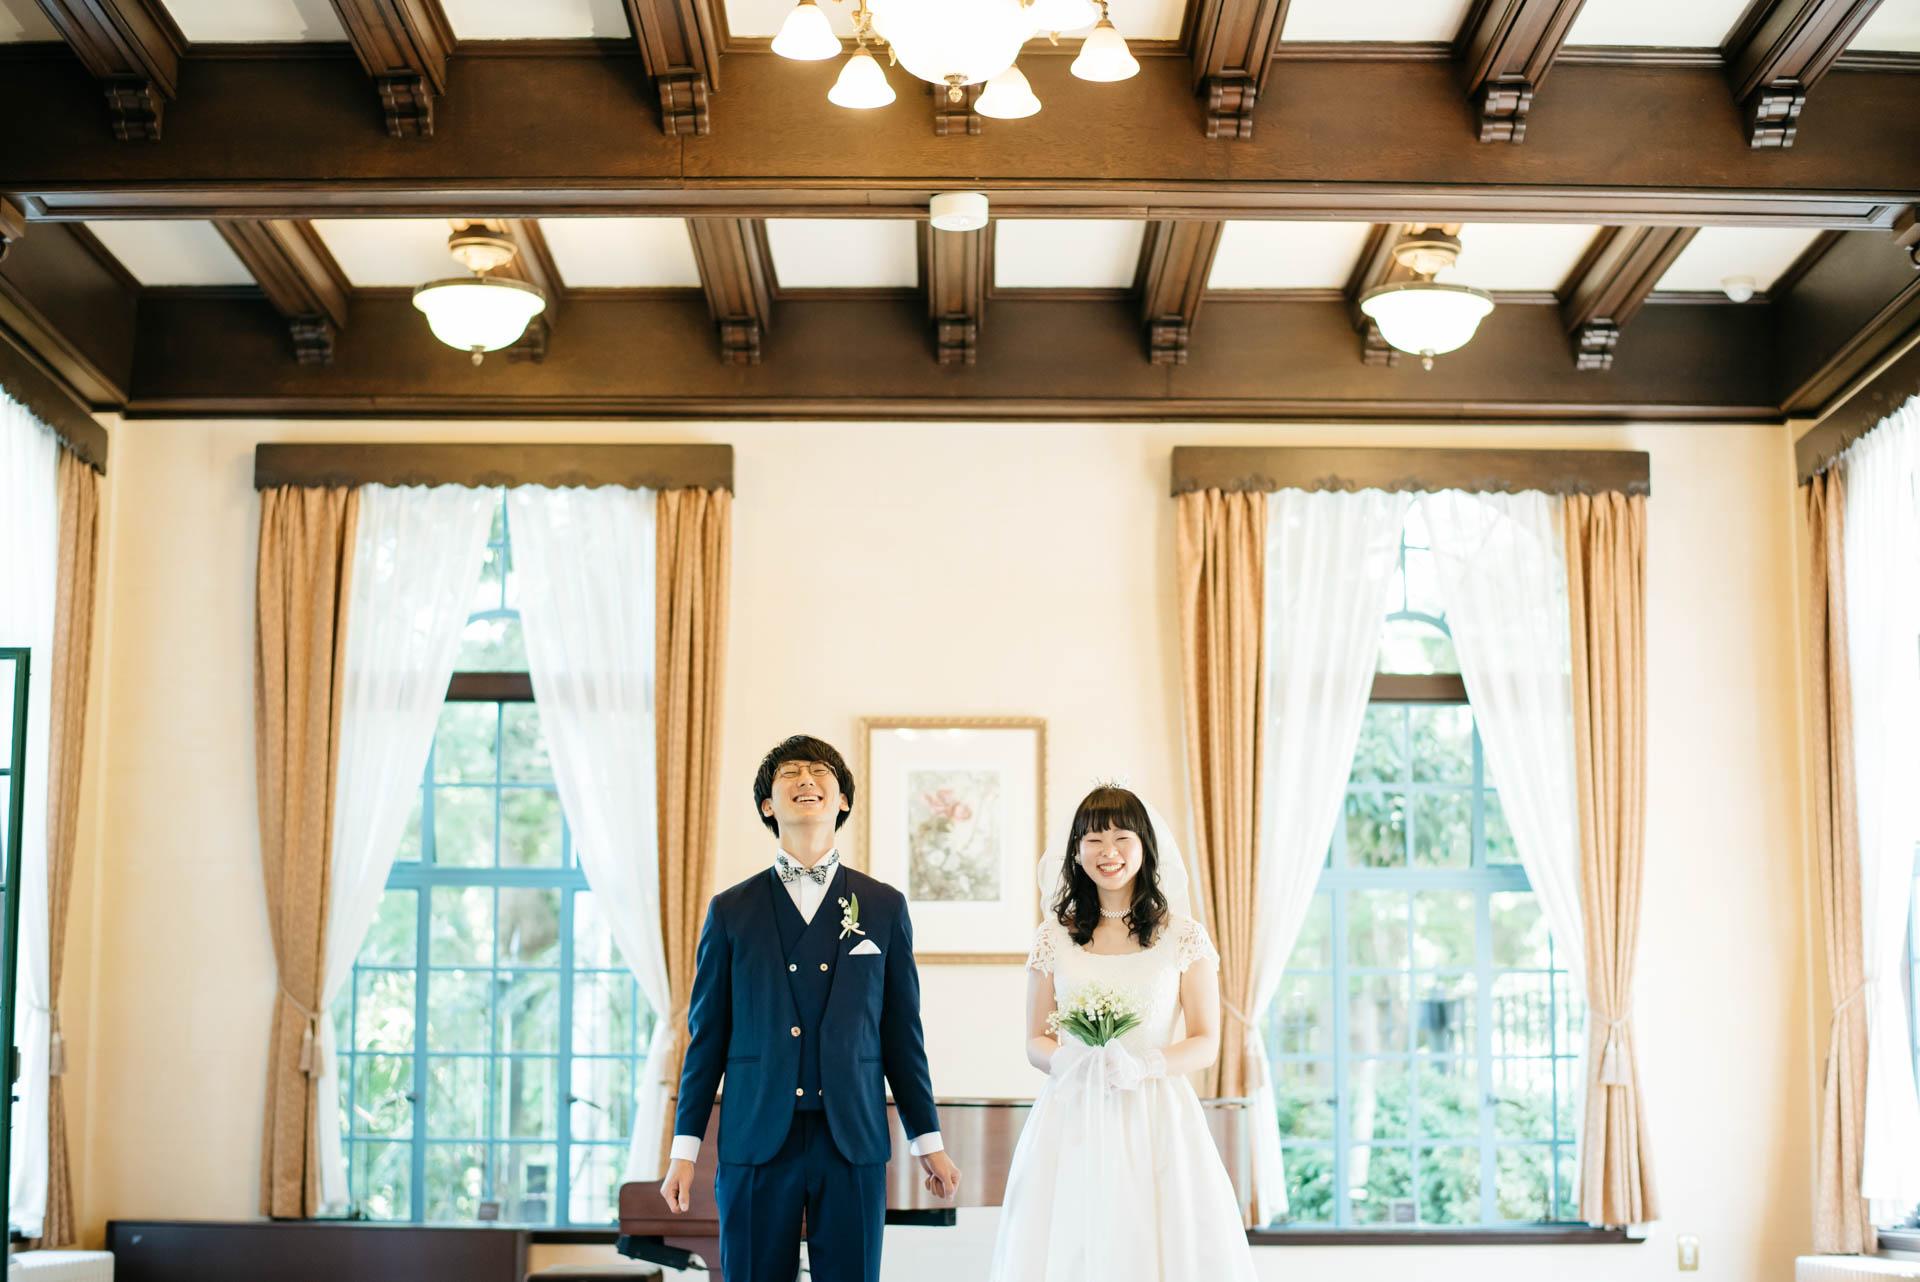 写真だけの結婚式 フォトウェディング東京 Fika and Fotos